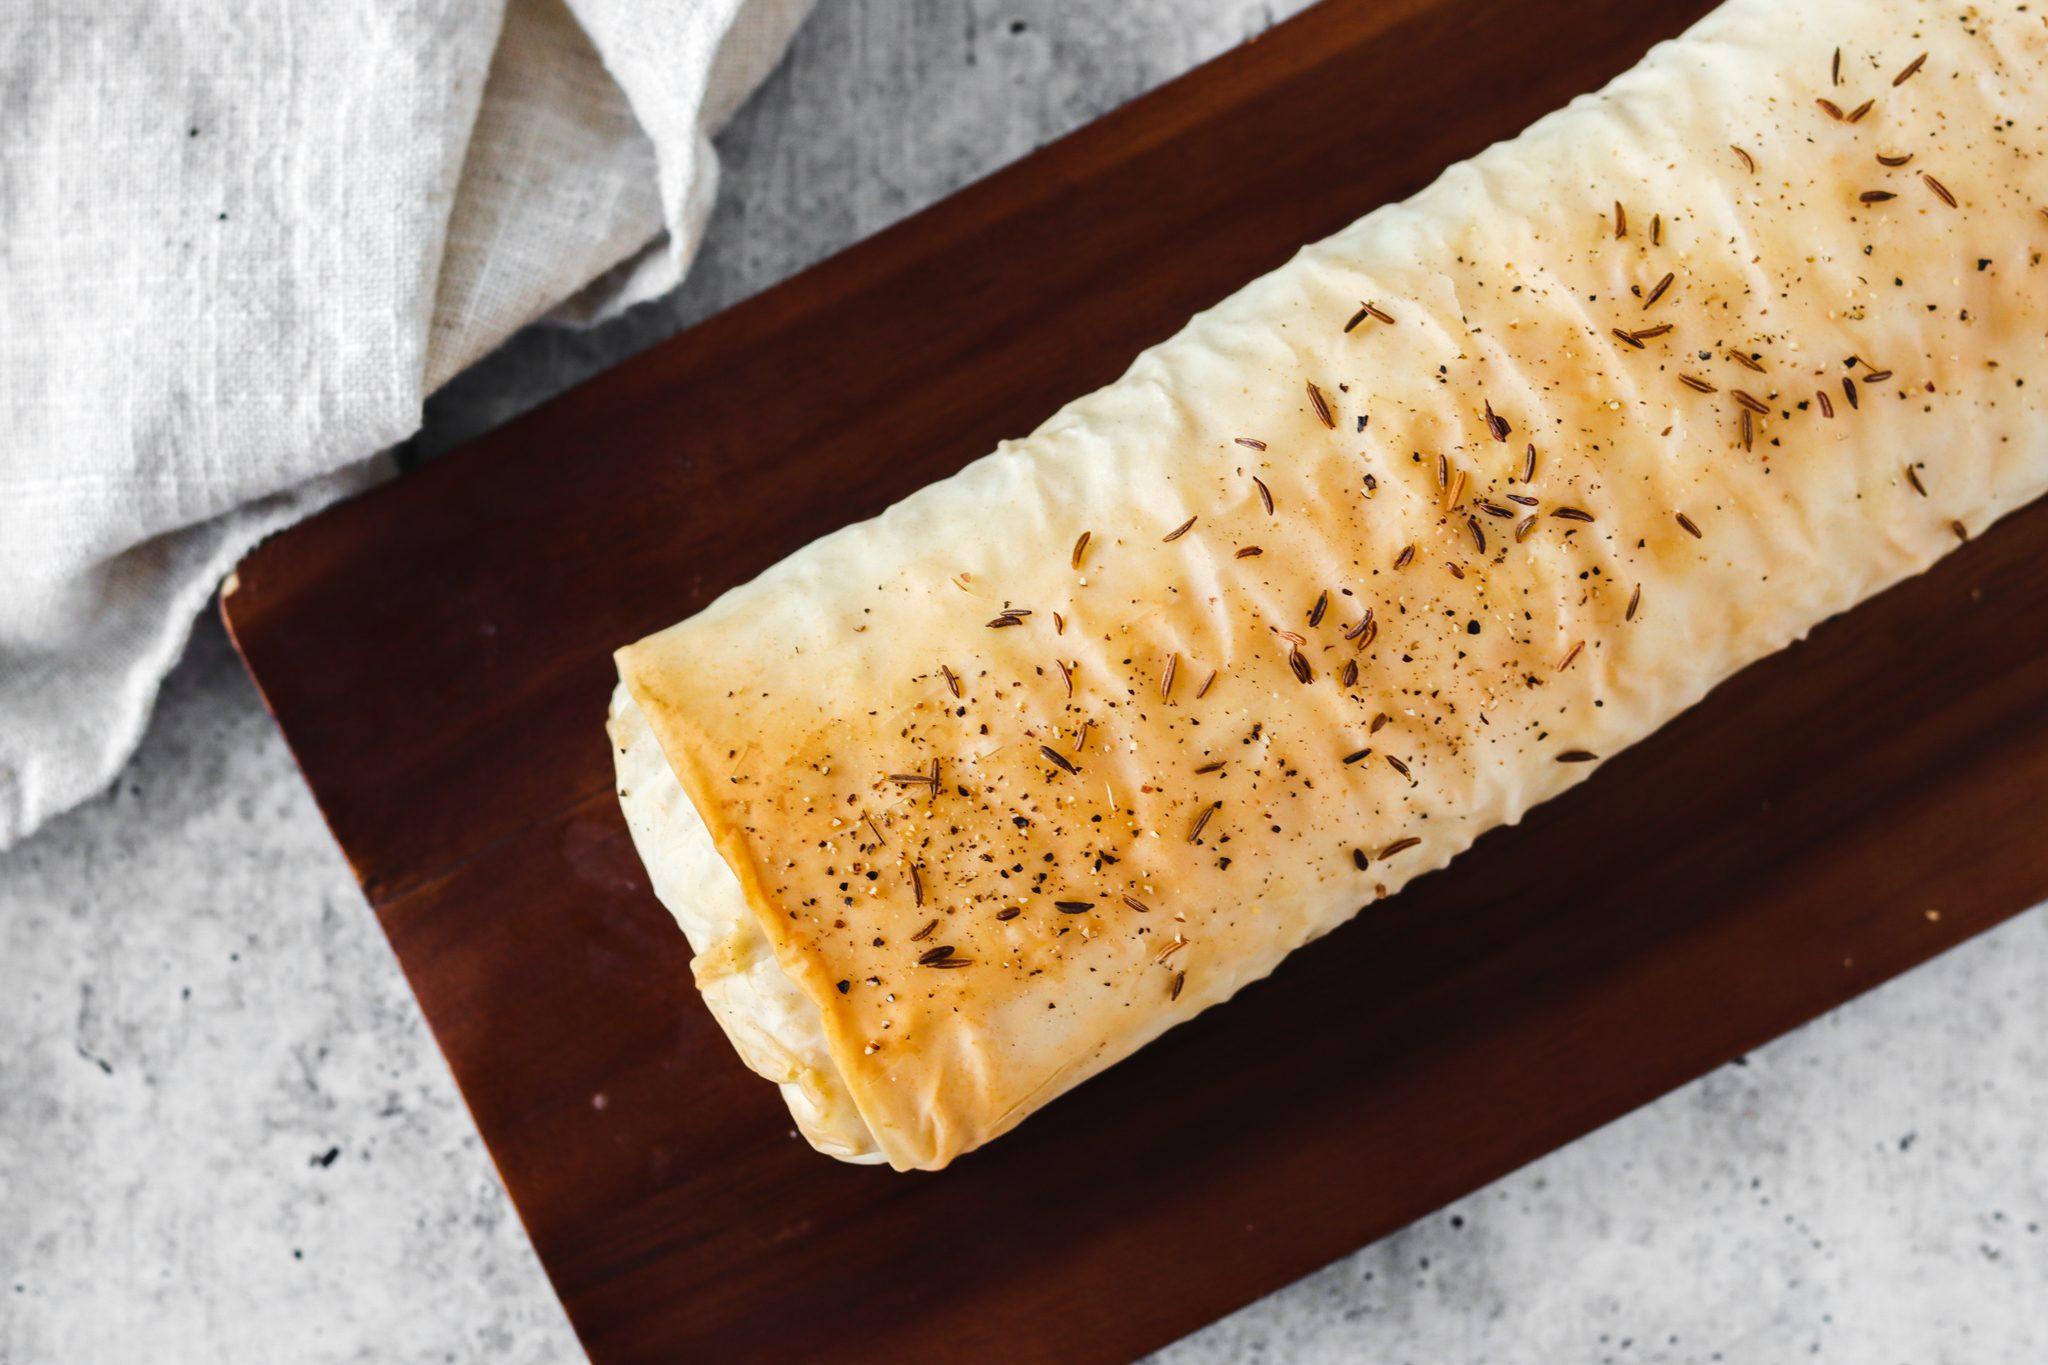 Strudel salato con crauti e pancetta: cuocere lo strudel